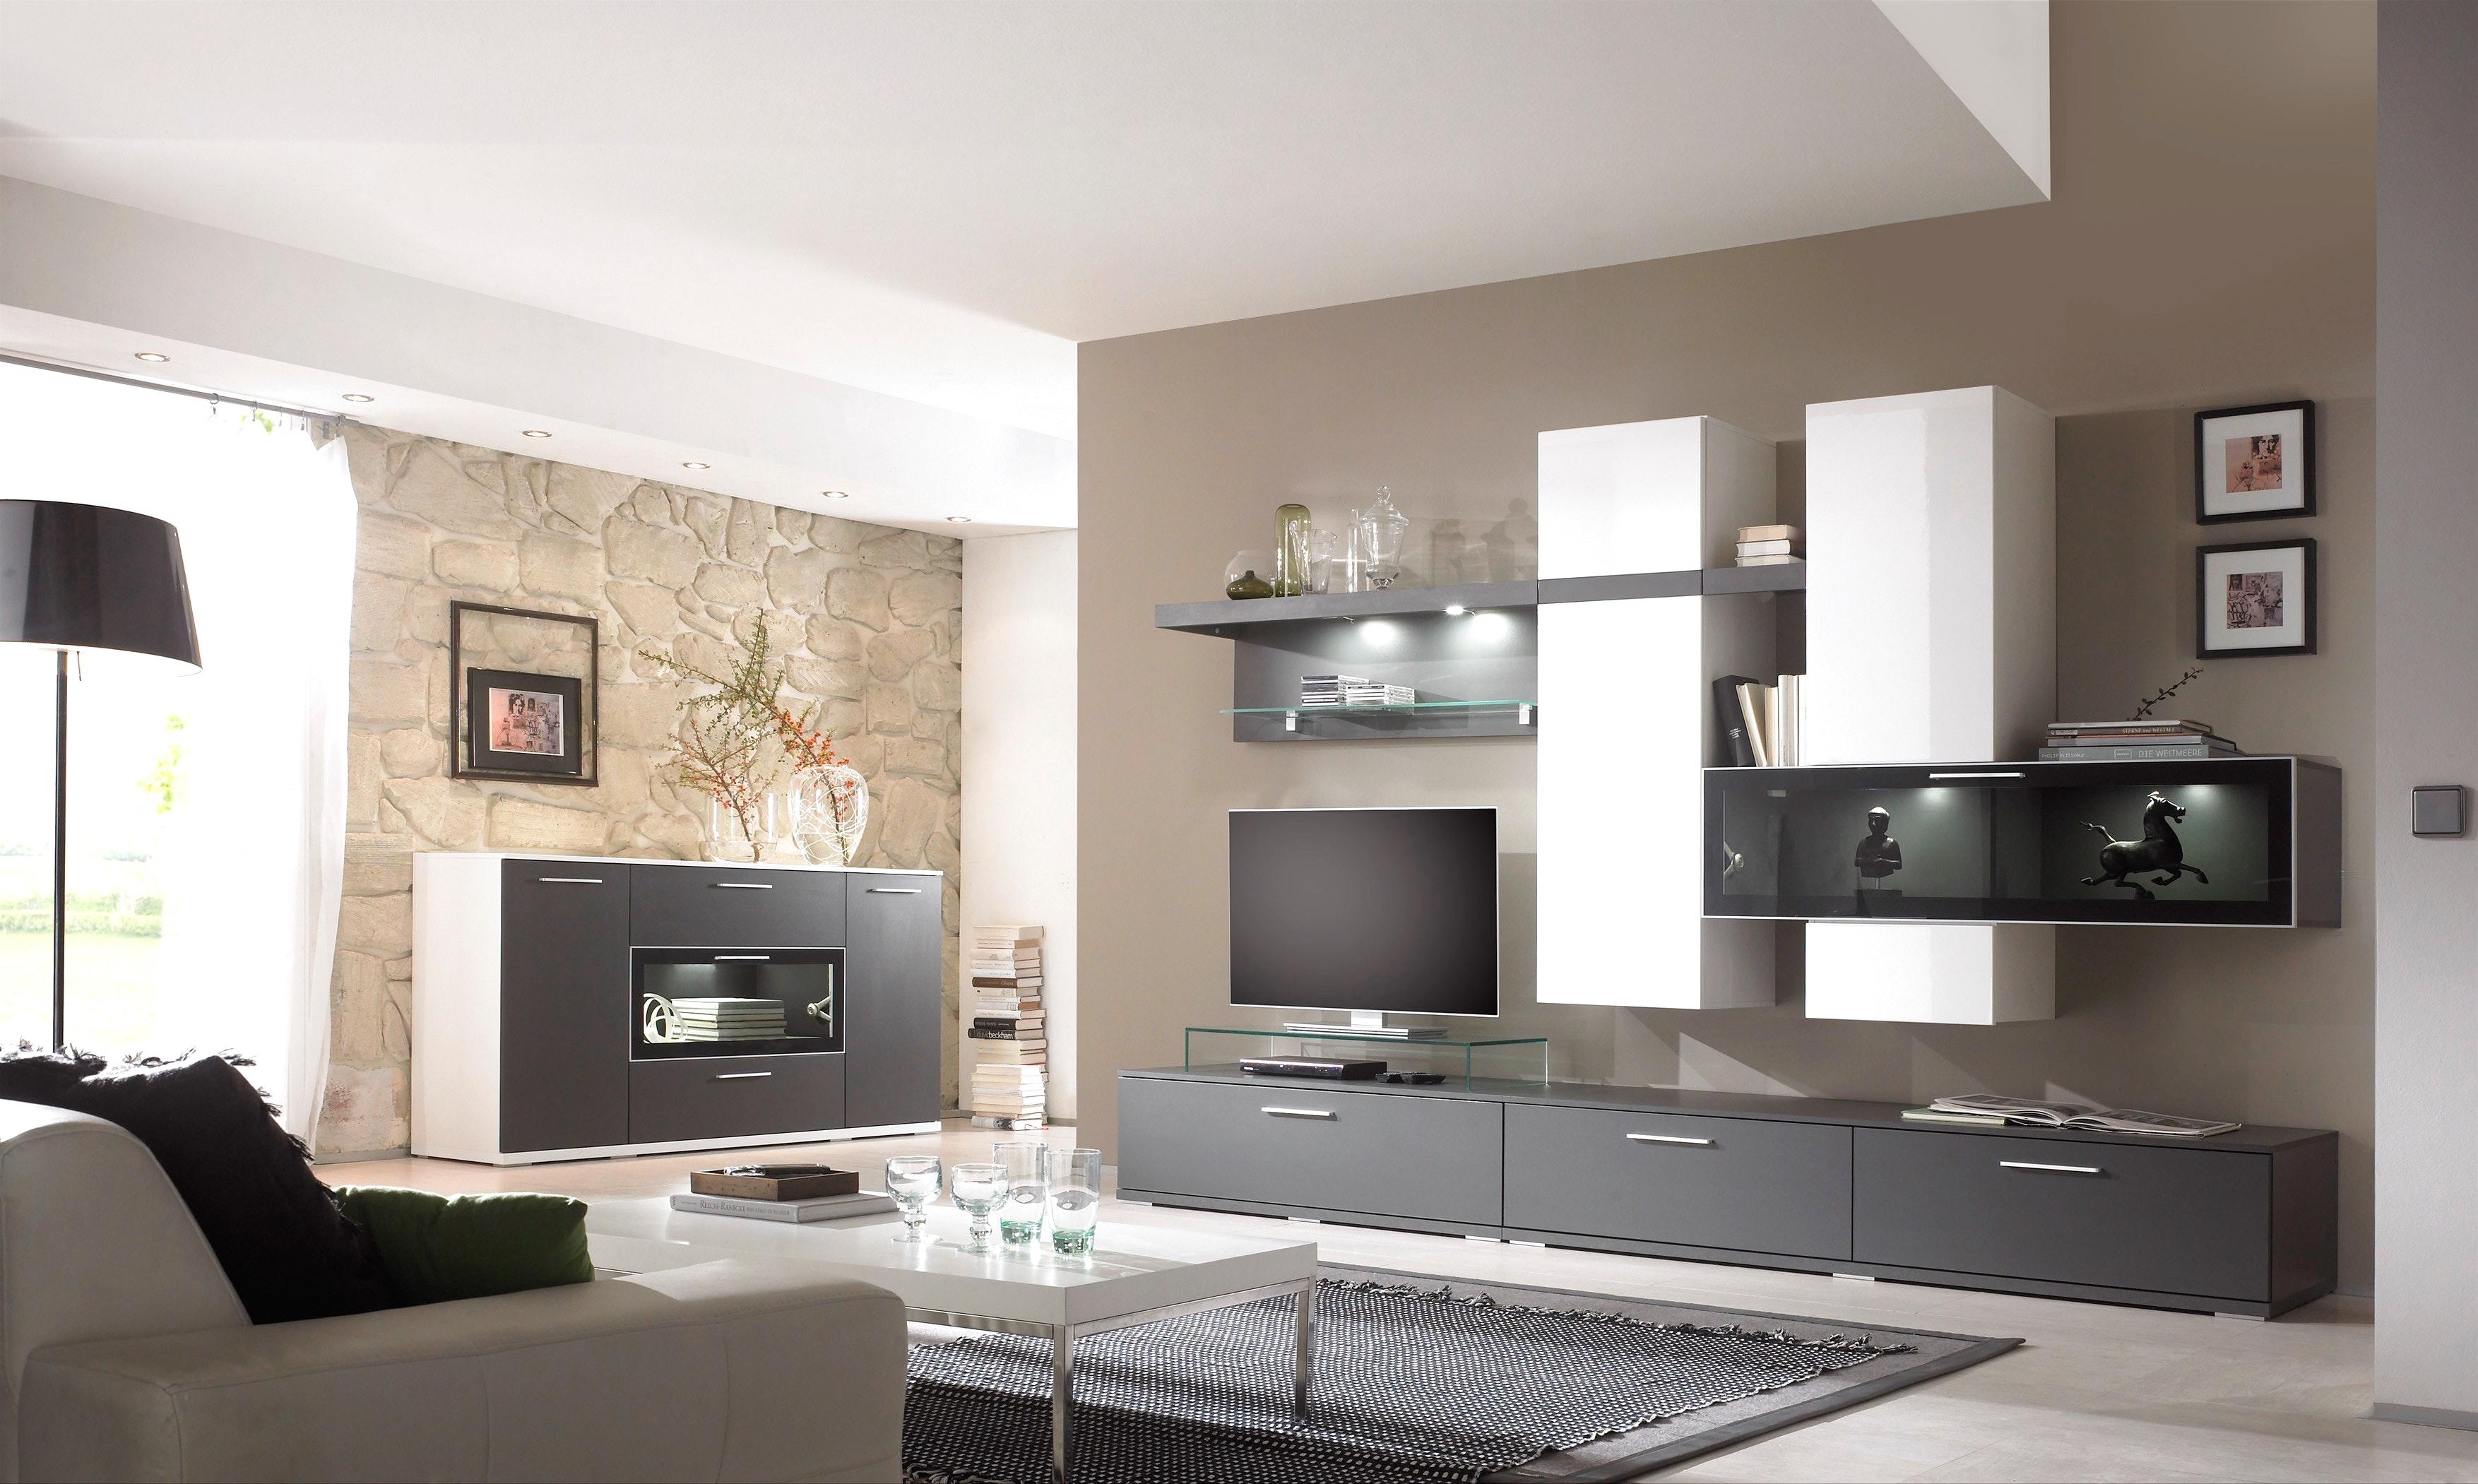 Wohnzimmer Dekorieren Ideen Zeitgenössisch On überall Uncategorized Kleines Und Deko 8